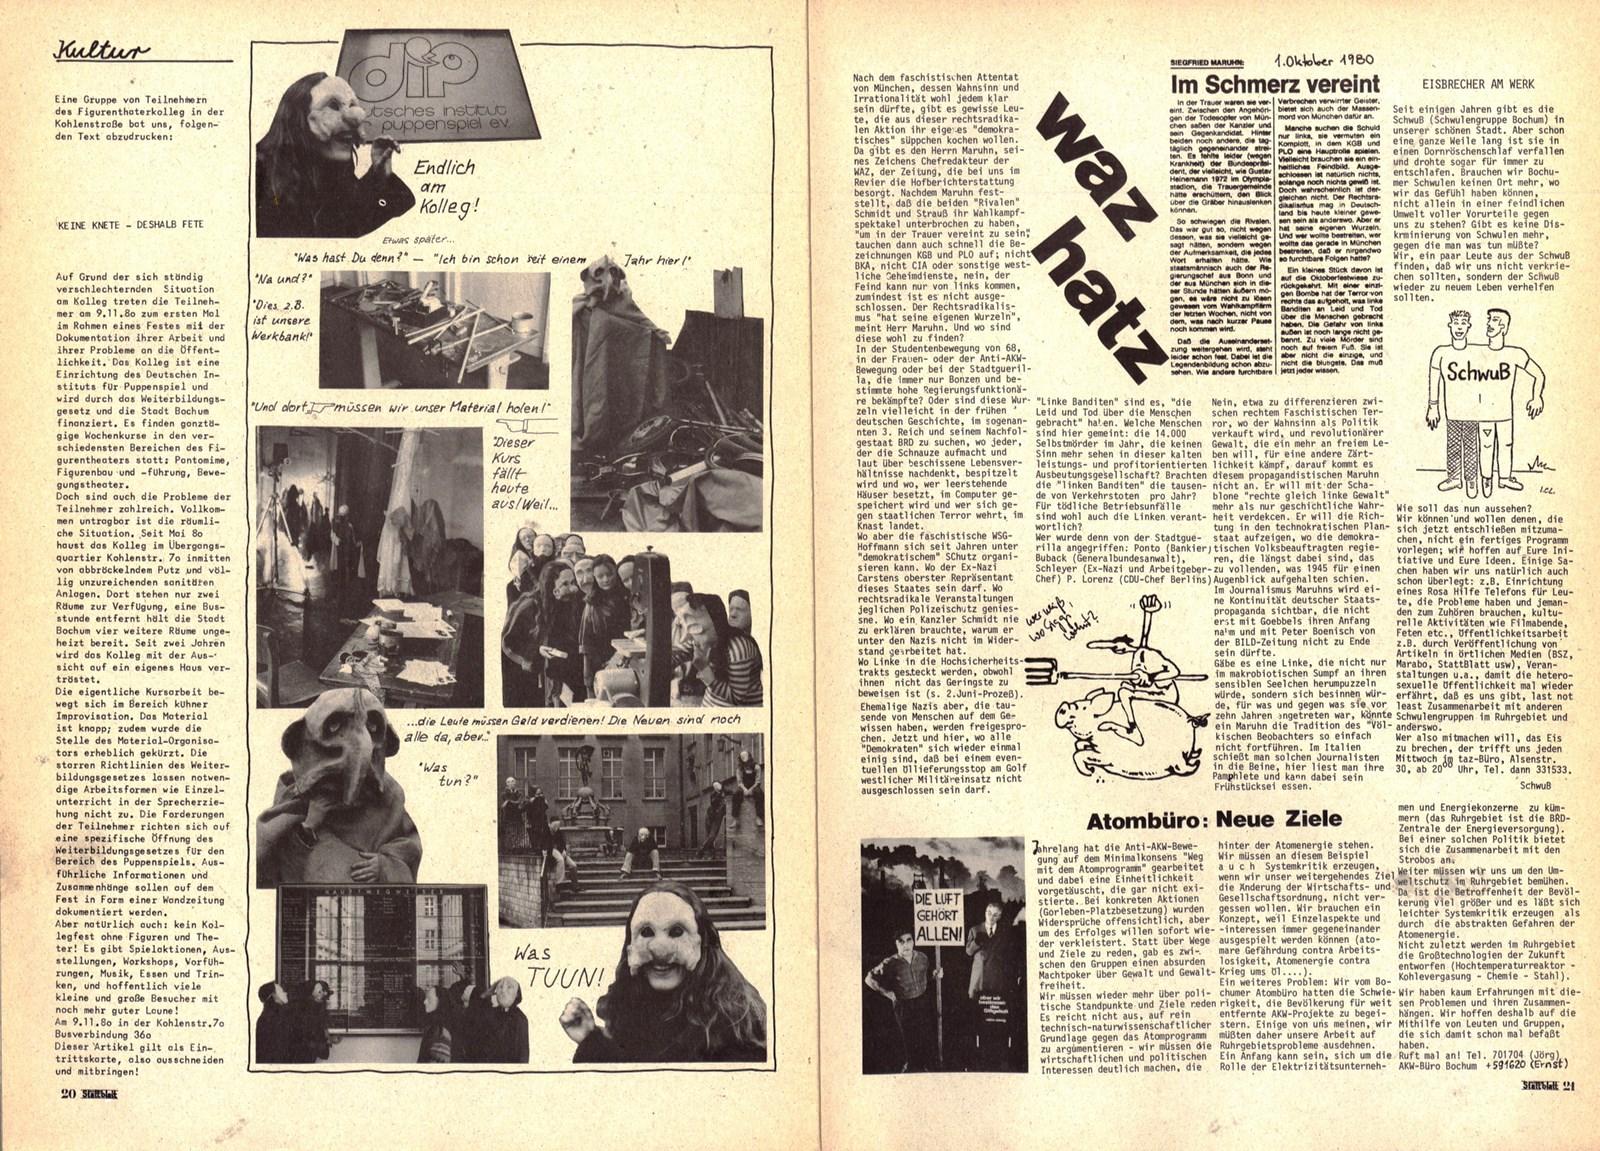 Bochum_Stattblatt_19801100_42_11